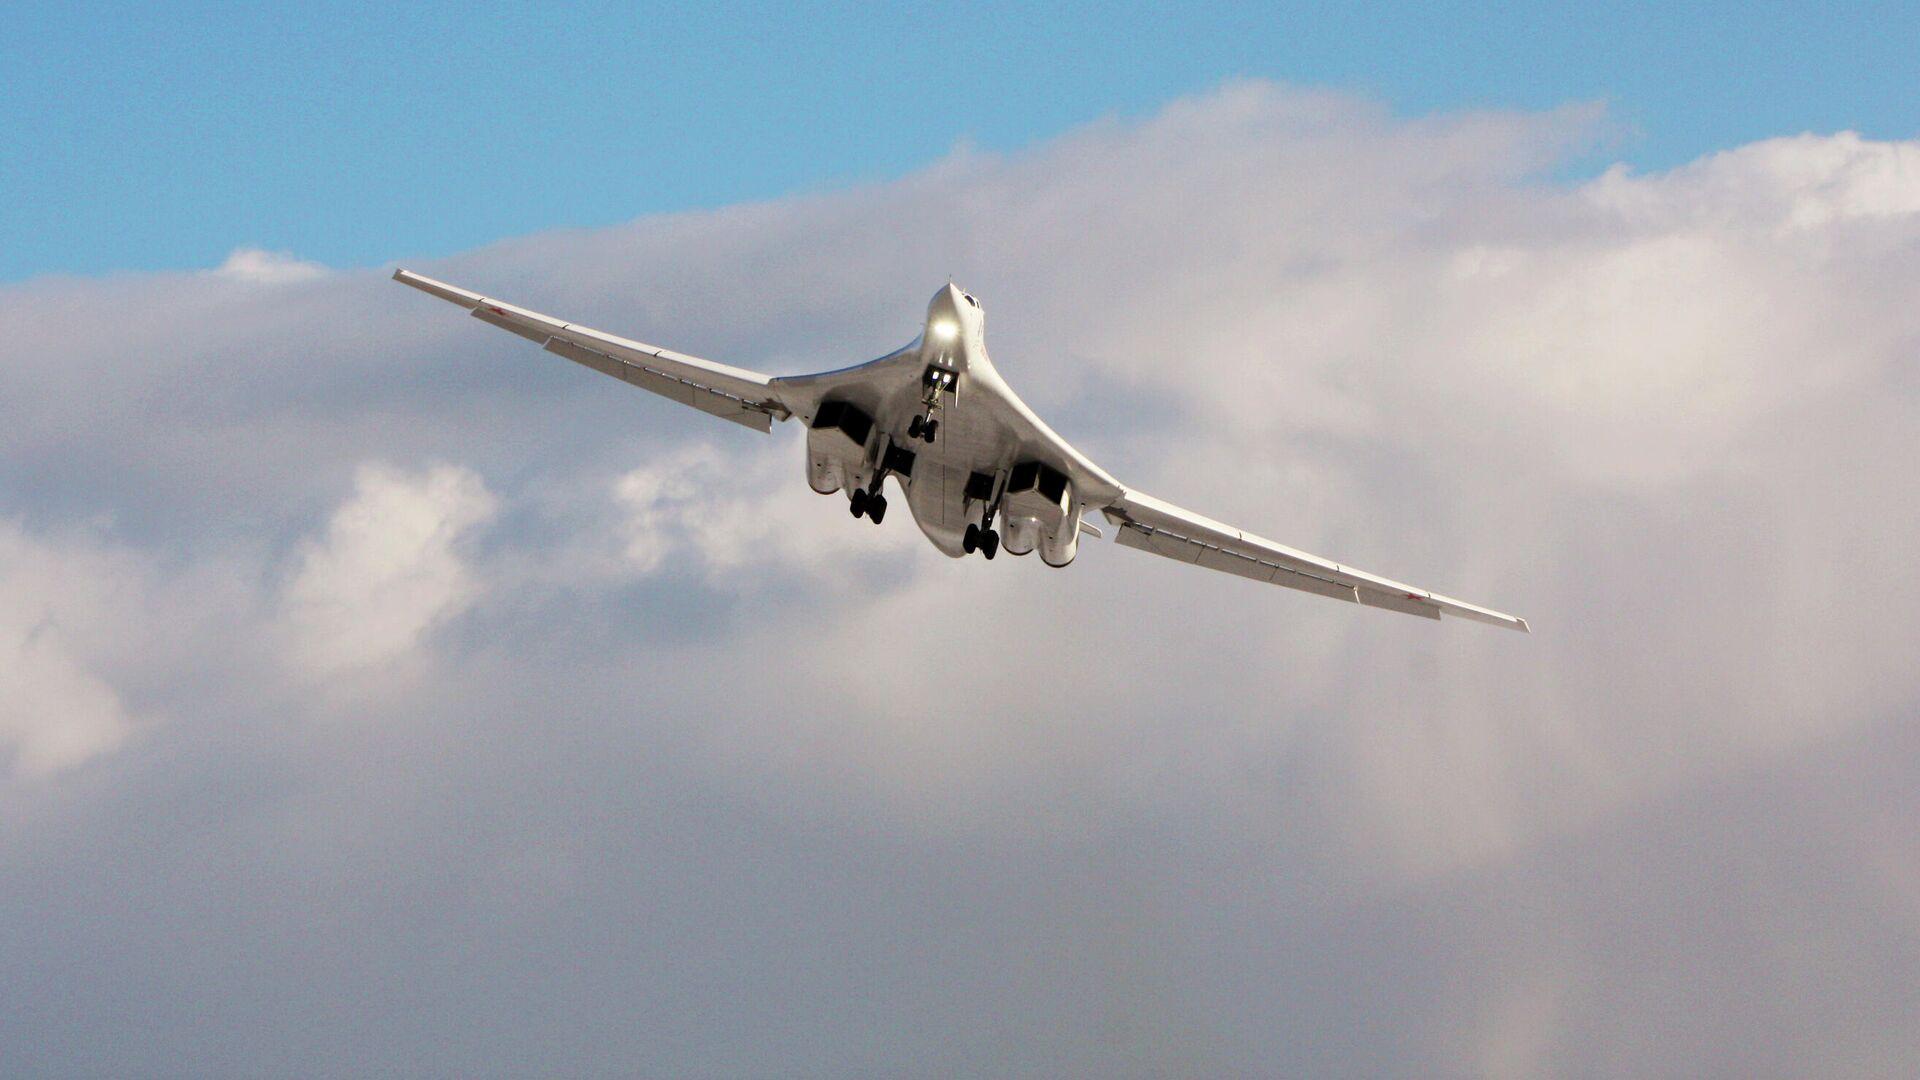 Первый модернизированный стратегический бомбардировщик Ту-160М - РИА Новости, 1920, 29.03.2021